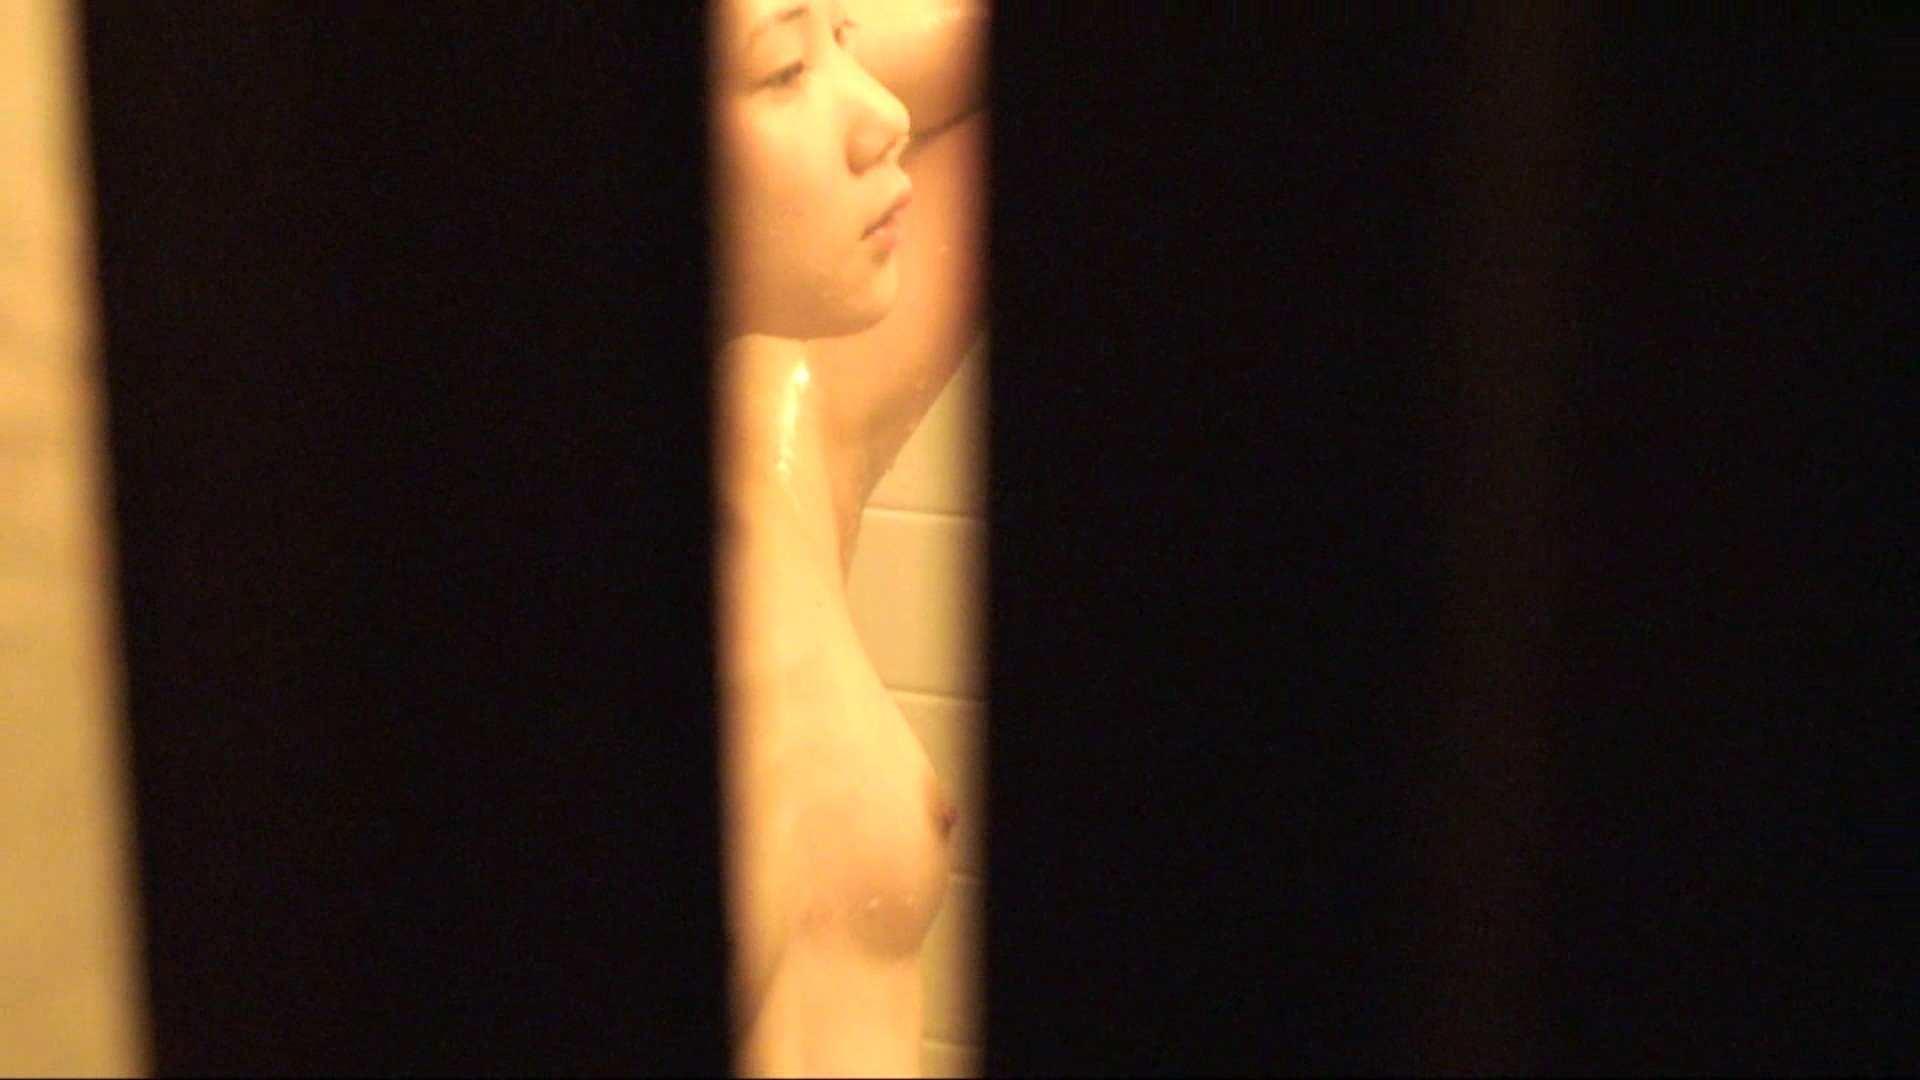 vol.02超可愛すぎる彼女の裸体をハイビジョンで!至近距離での眺め最高! 美人 SEX無修正画像 94連発 75